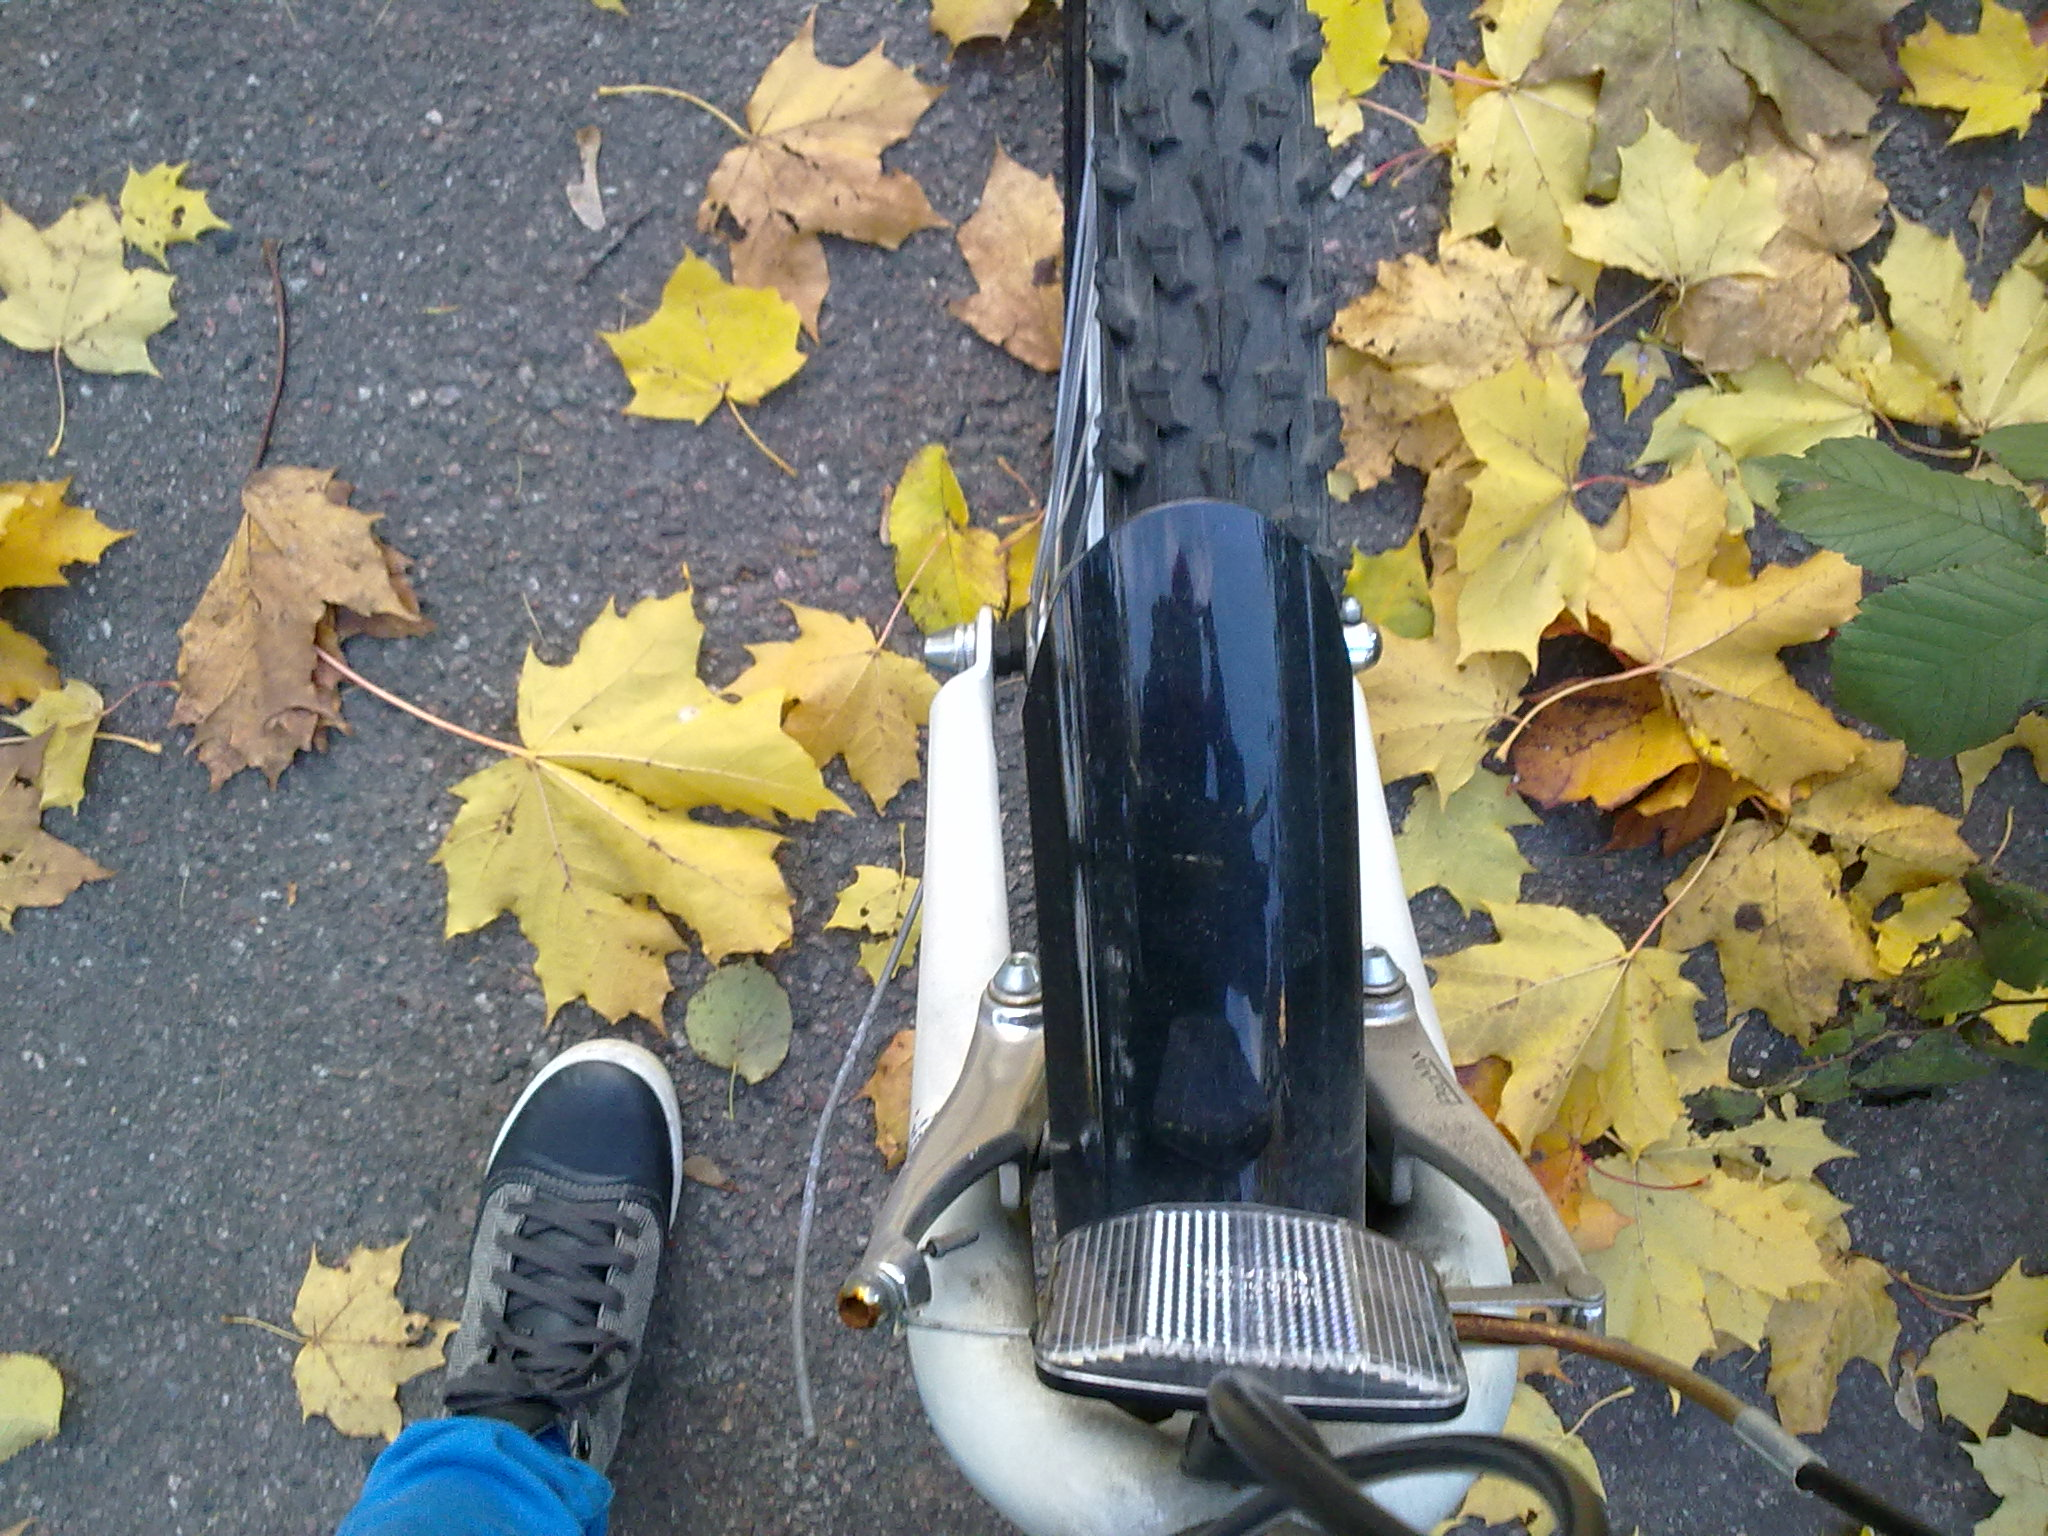 Dagens övning: Cykelskuff i uppförsbacke